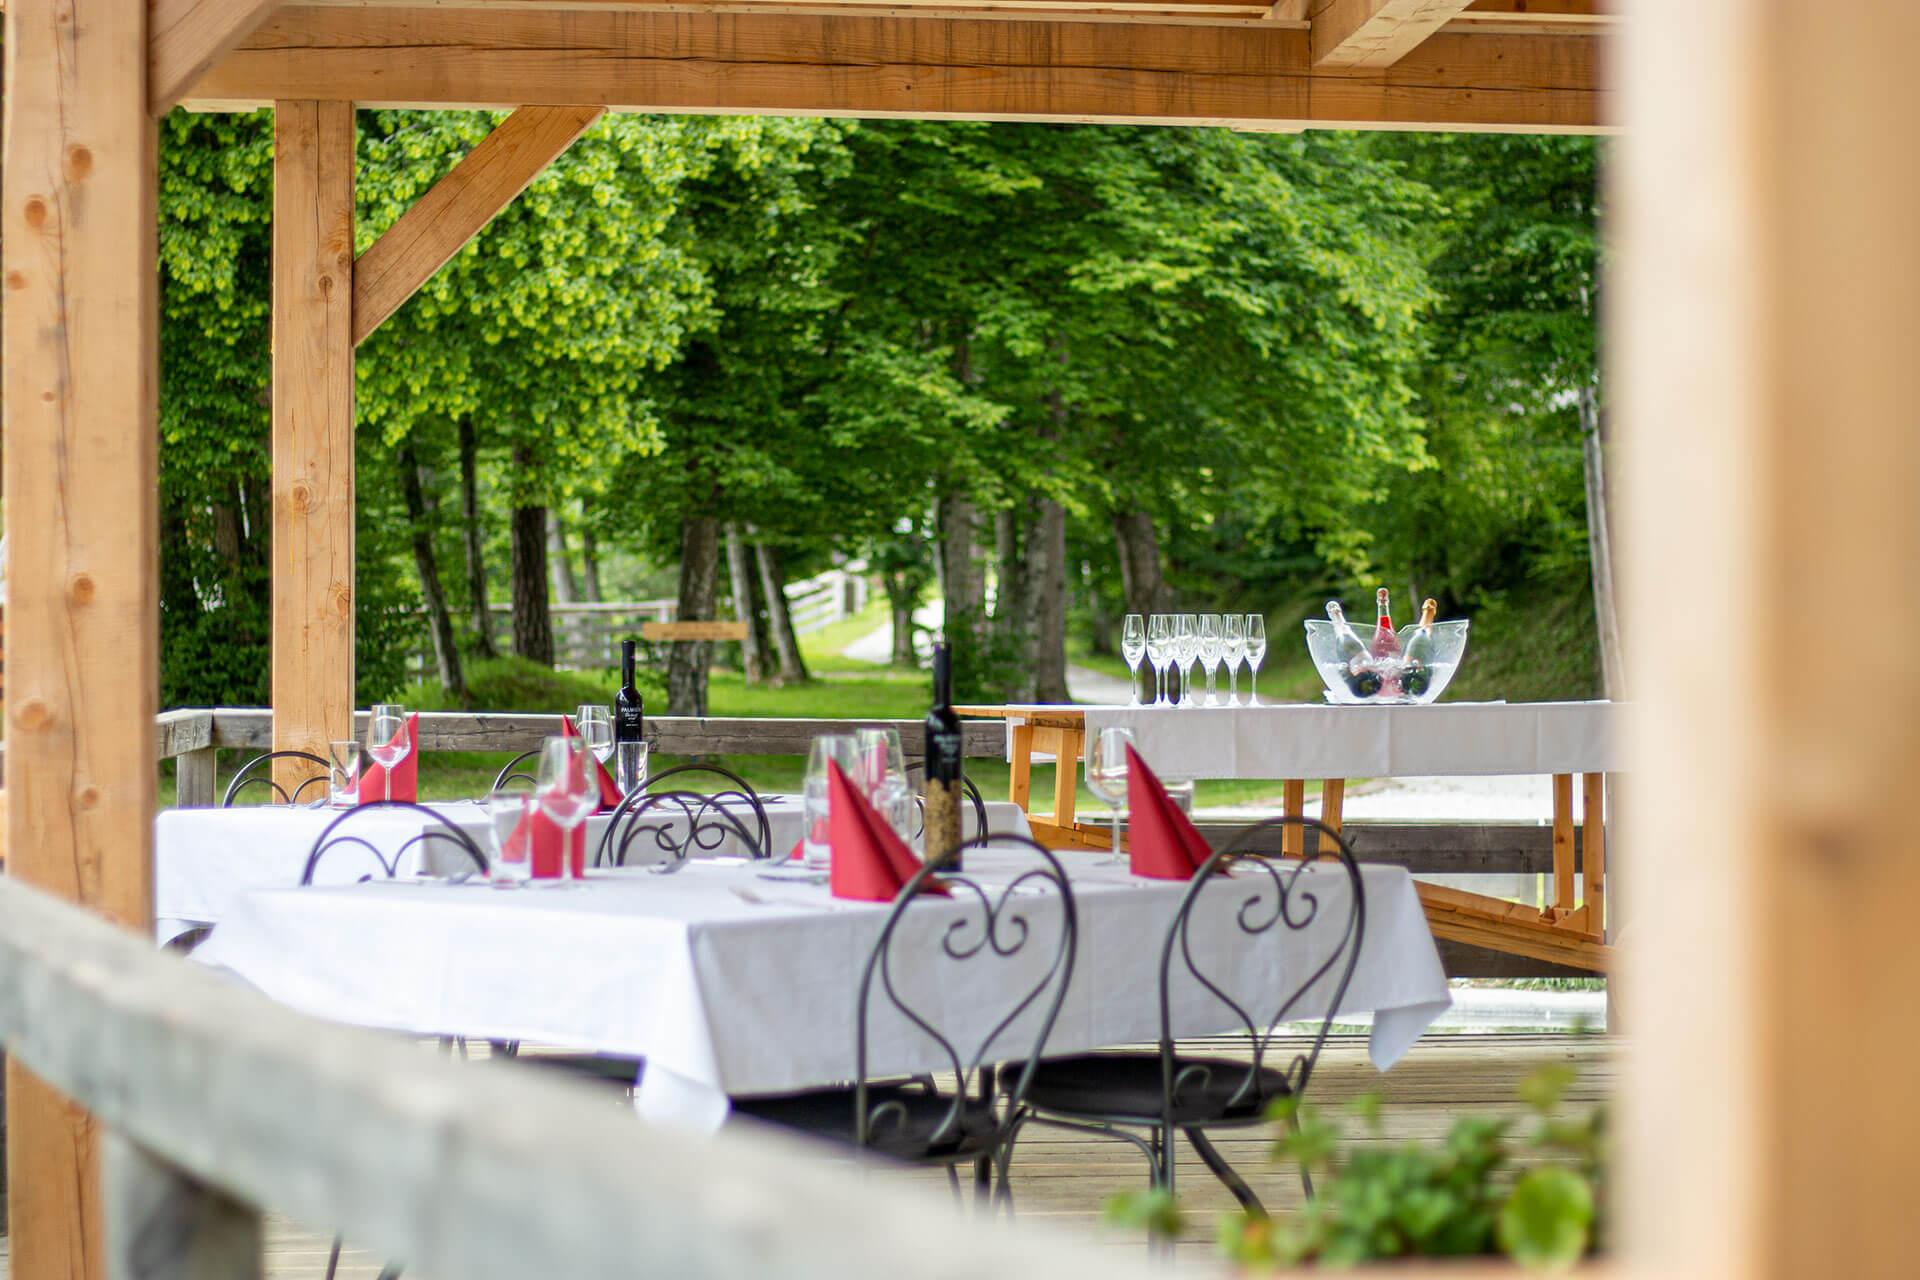 slovenia-eco-resort-restavracija-na-odprtem-02.jpg